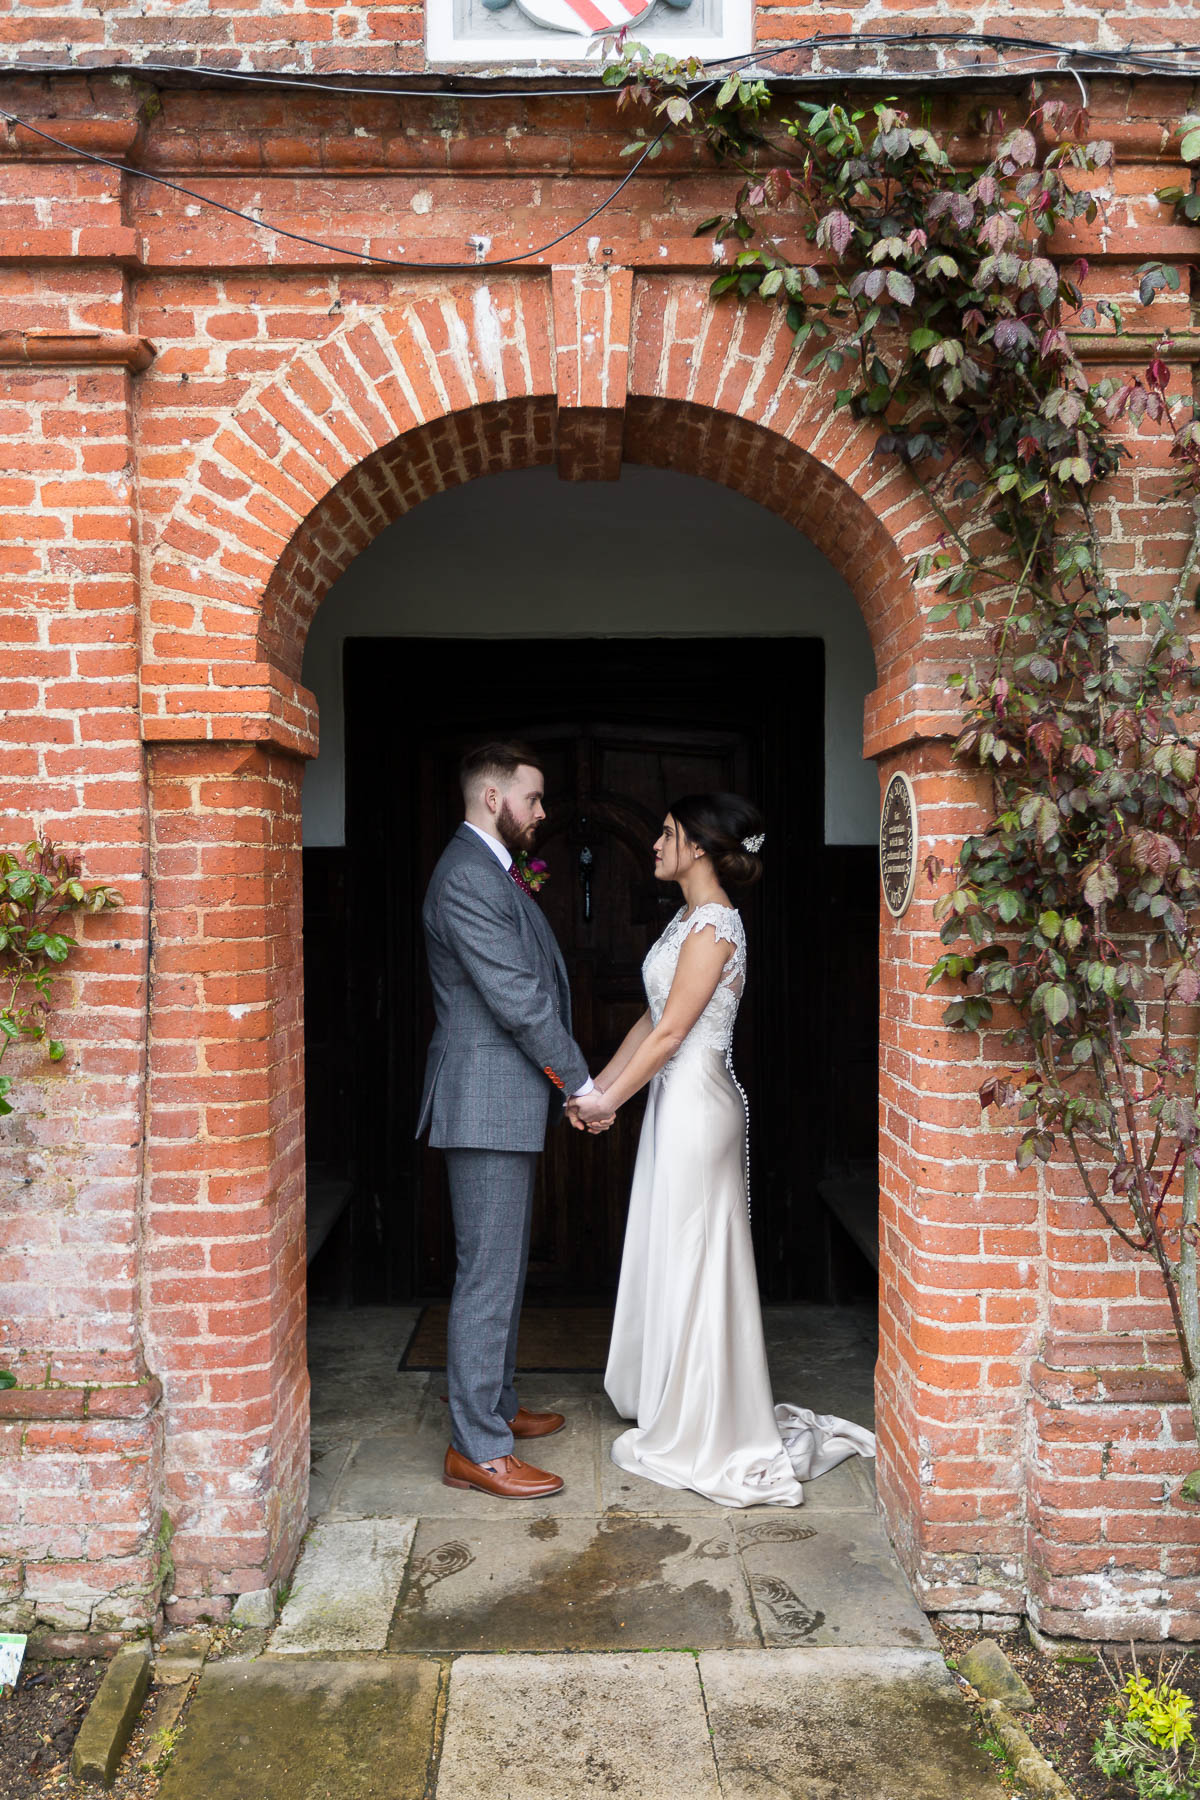 Rothamsted manor wedding ideas and wedding photographs. Hertfordshire wedding photographer Lee Rushby